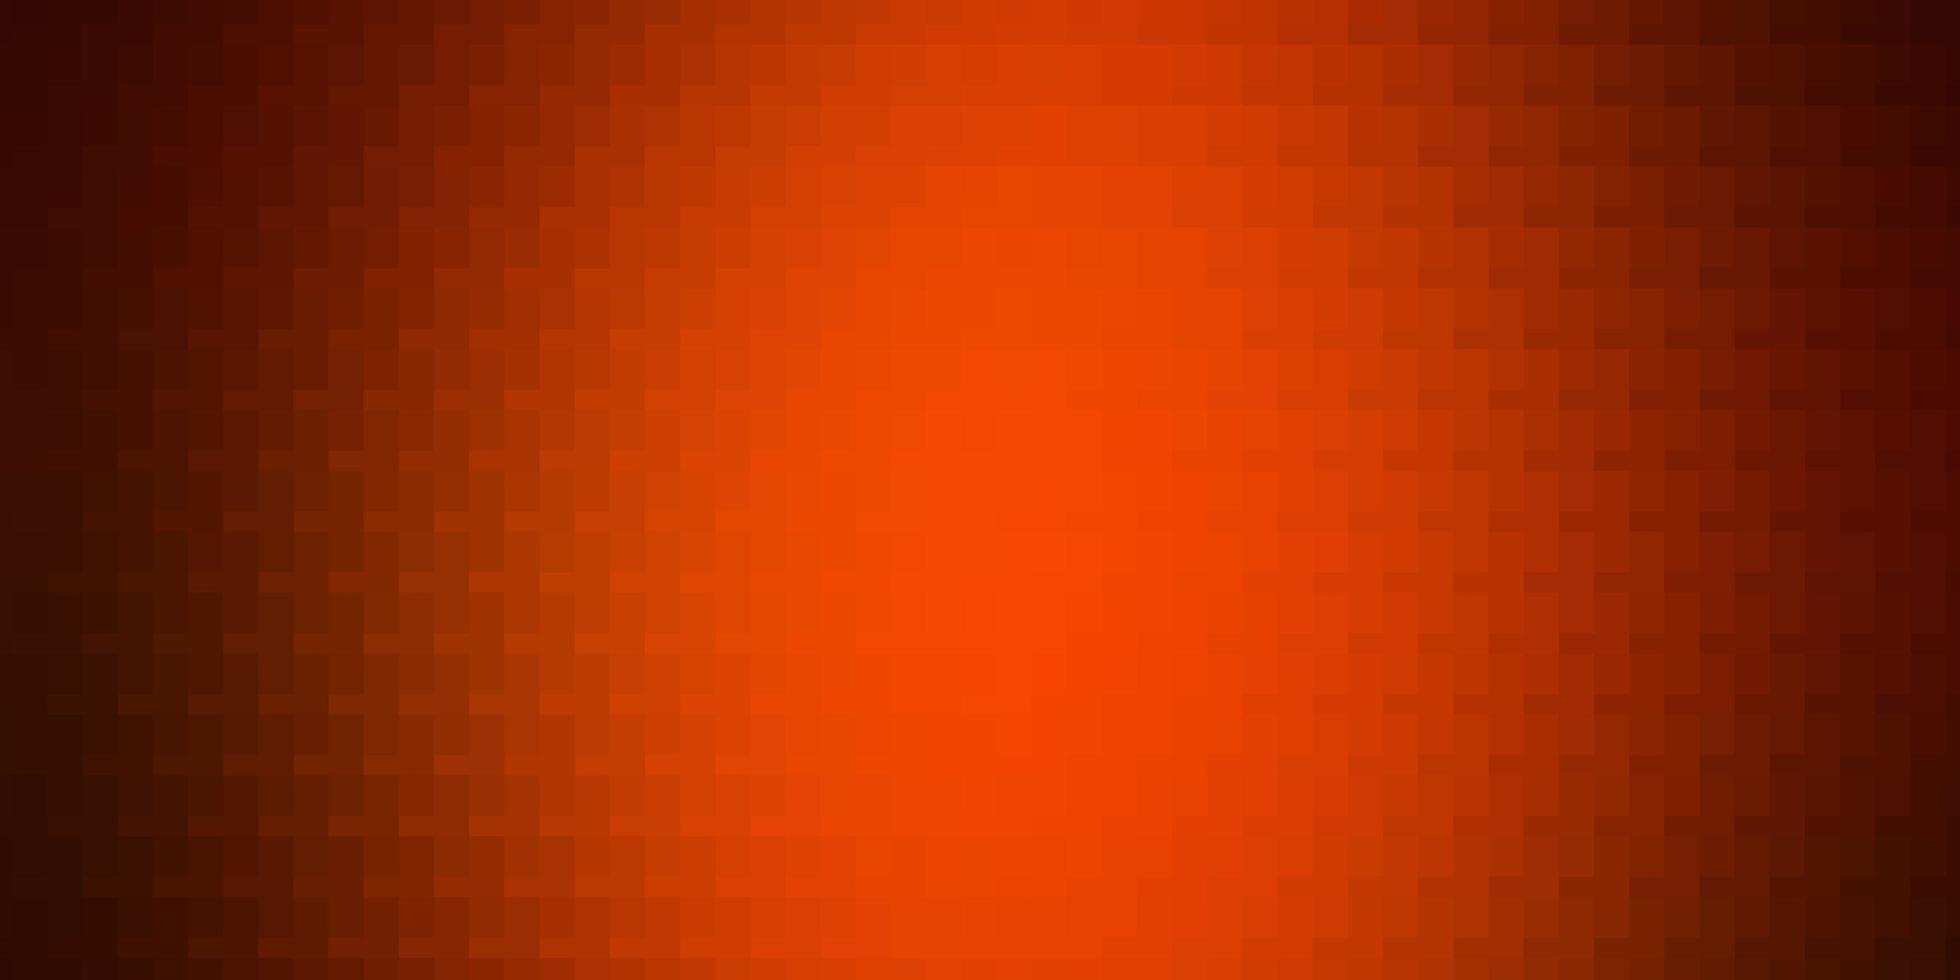 modelo de vetor laranja claro com retângulos.